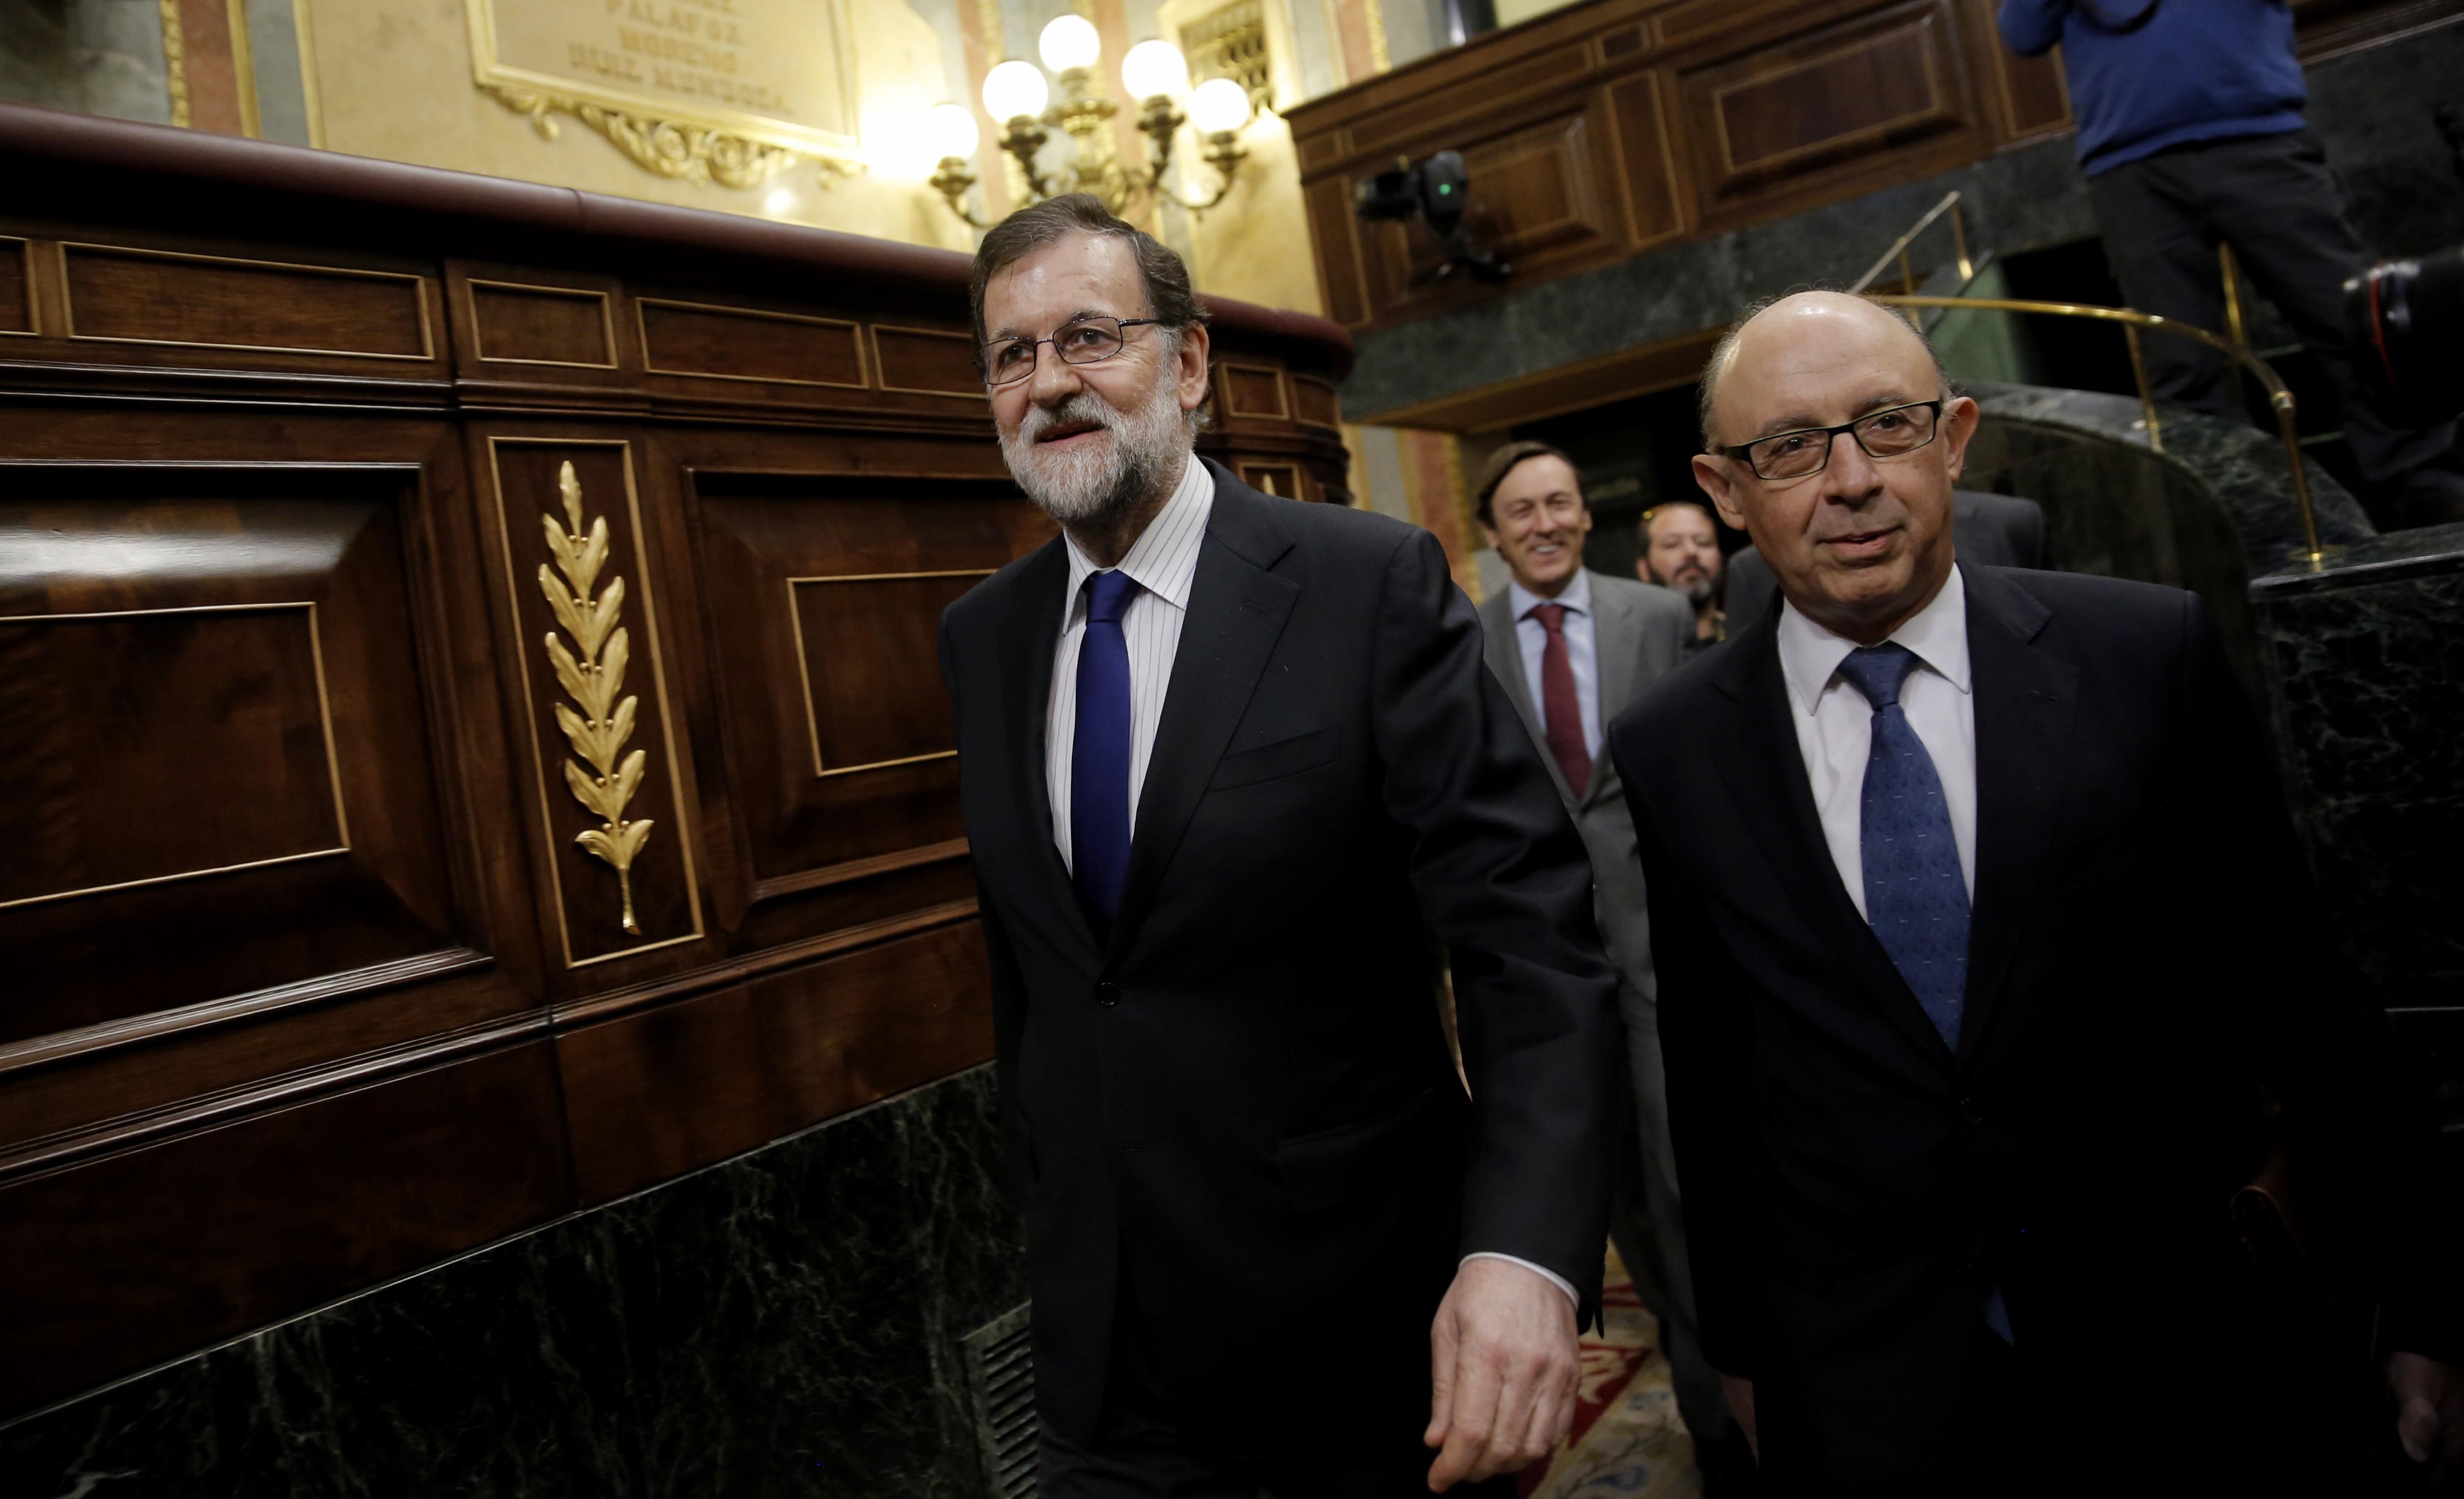 El PNV arranca al Gobierno de Rajoy una rebaja millonaria del cupo vasco